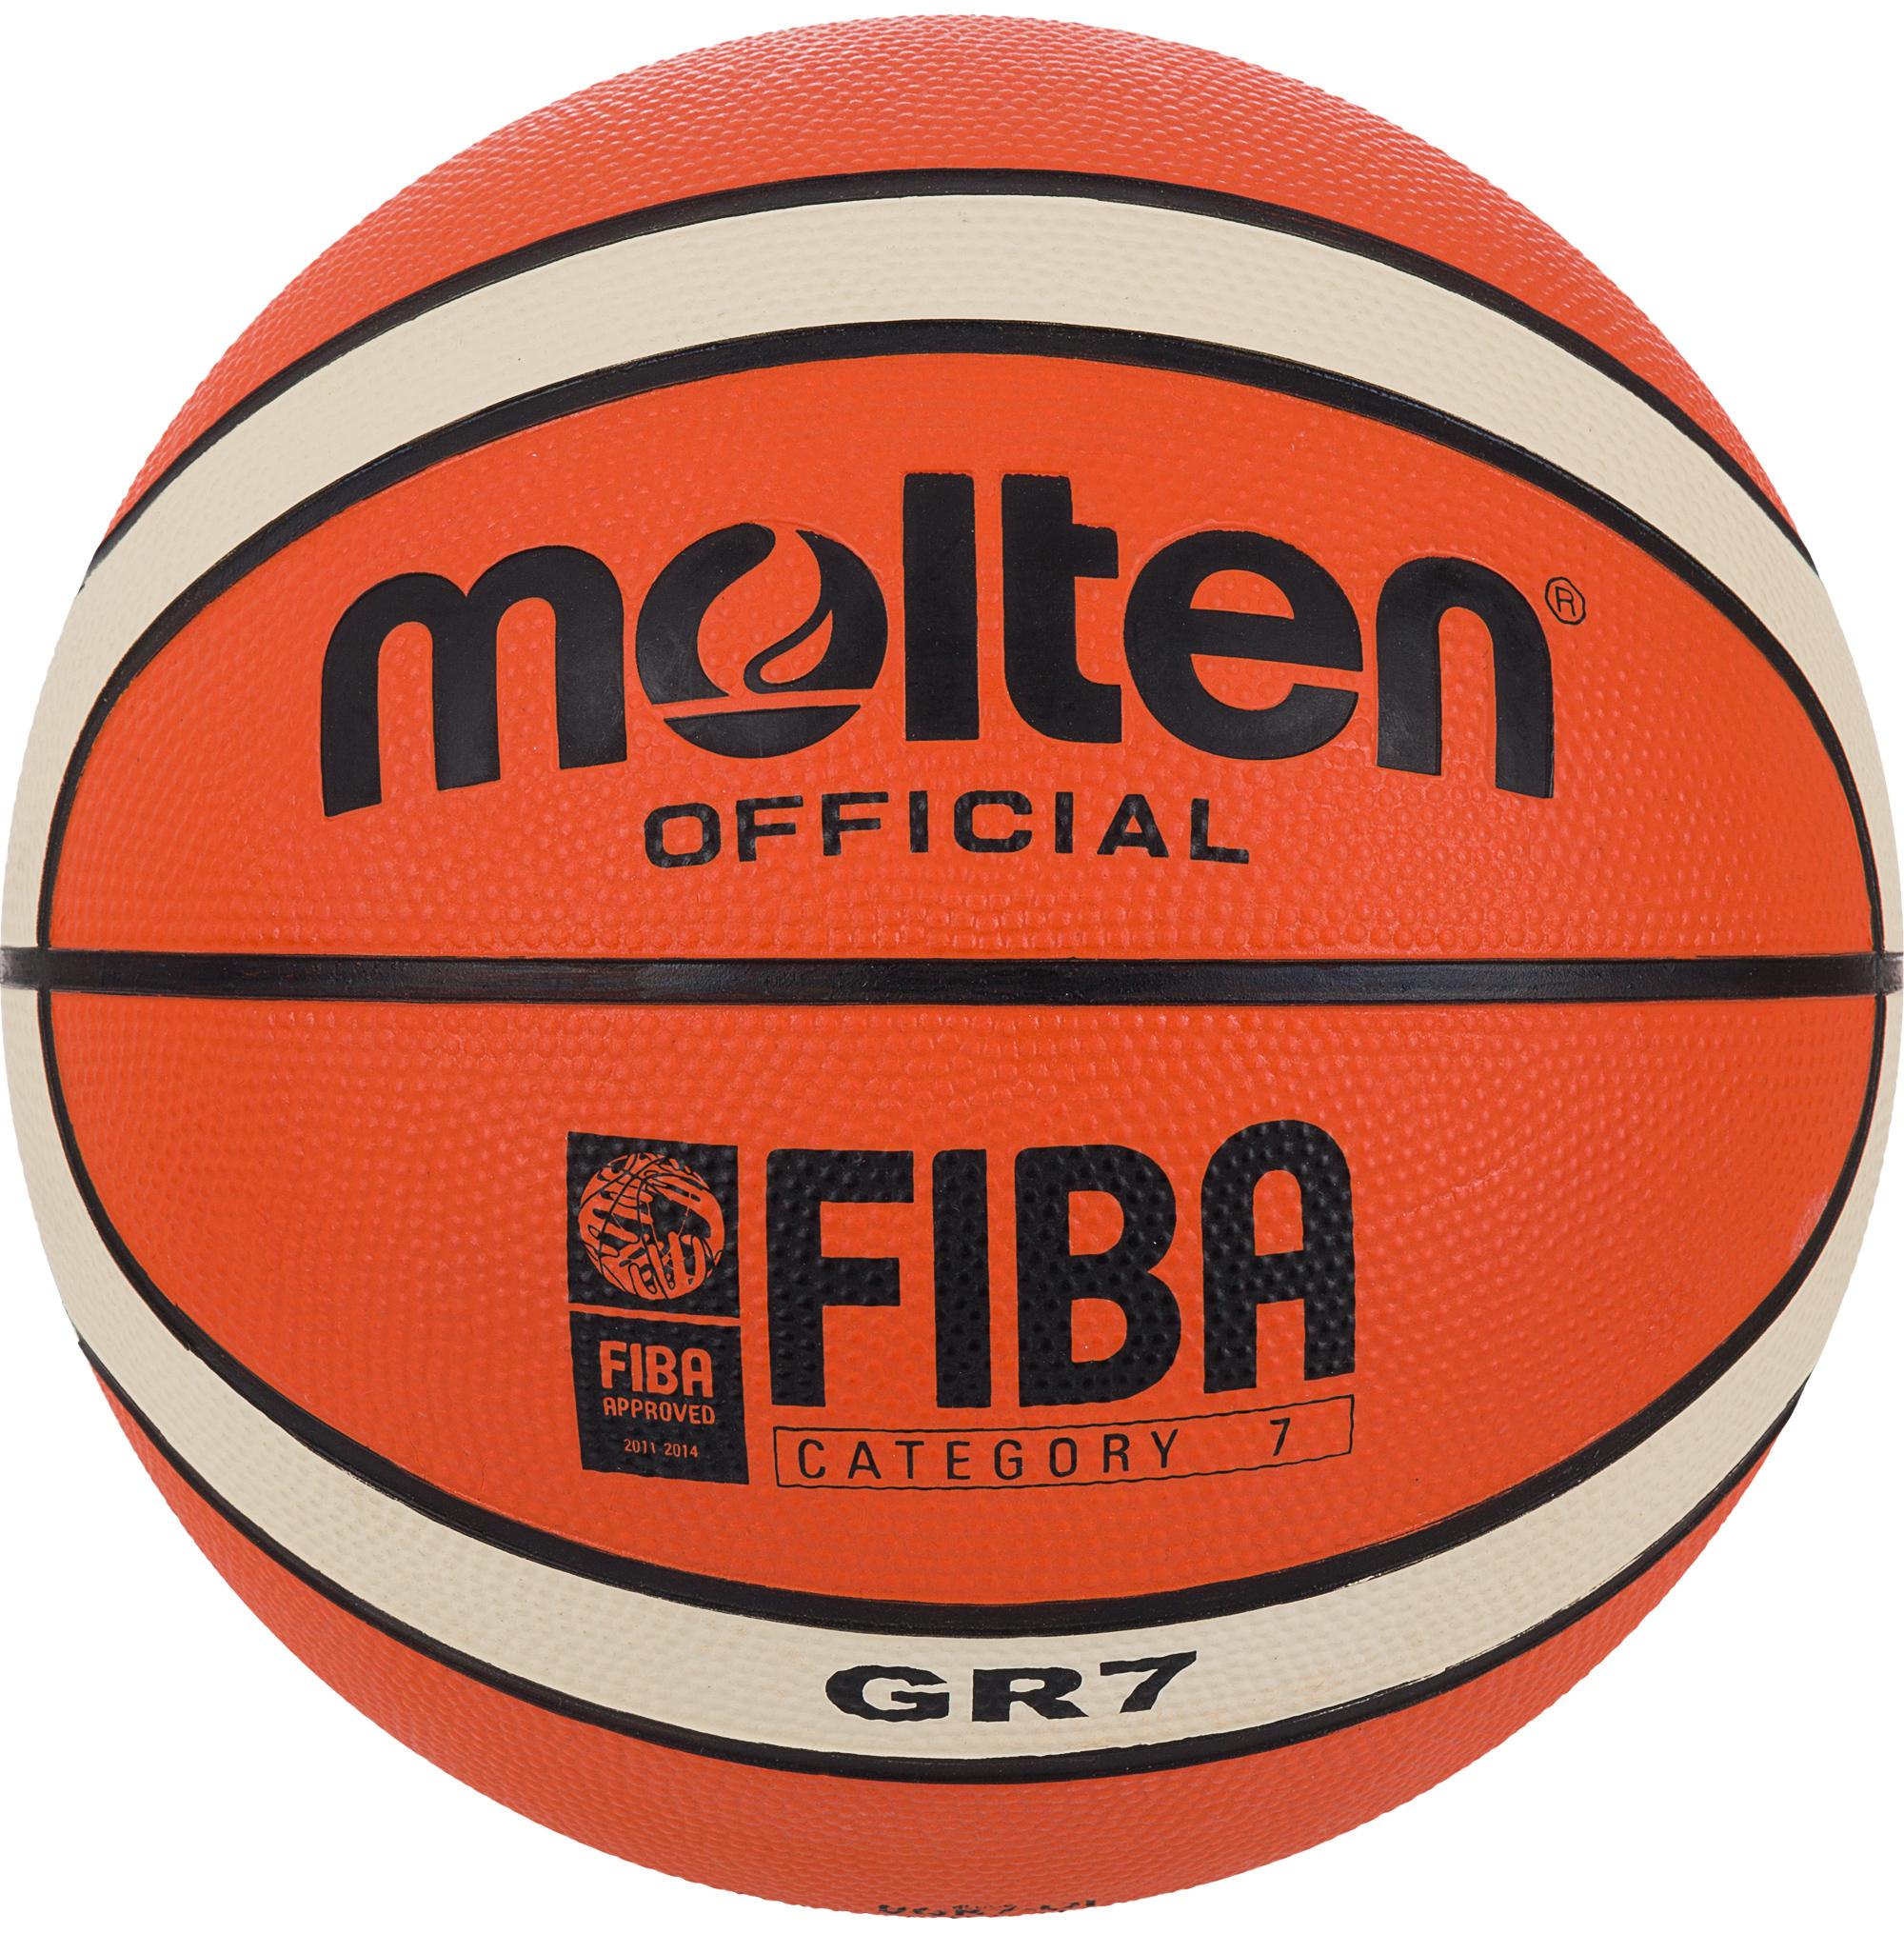 Molten Мяч баскетбольный Molten мяч баскетбольный molten go7 ua